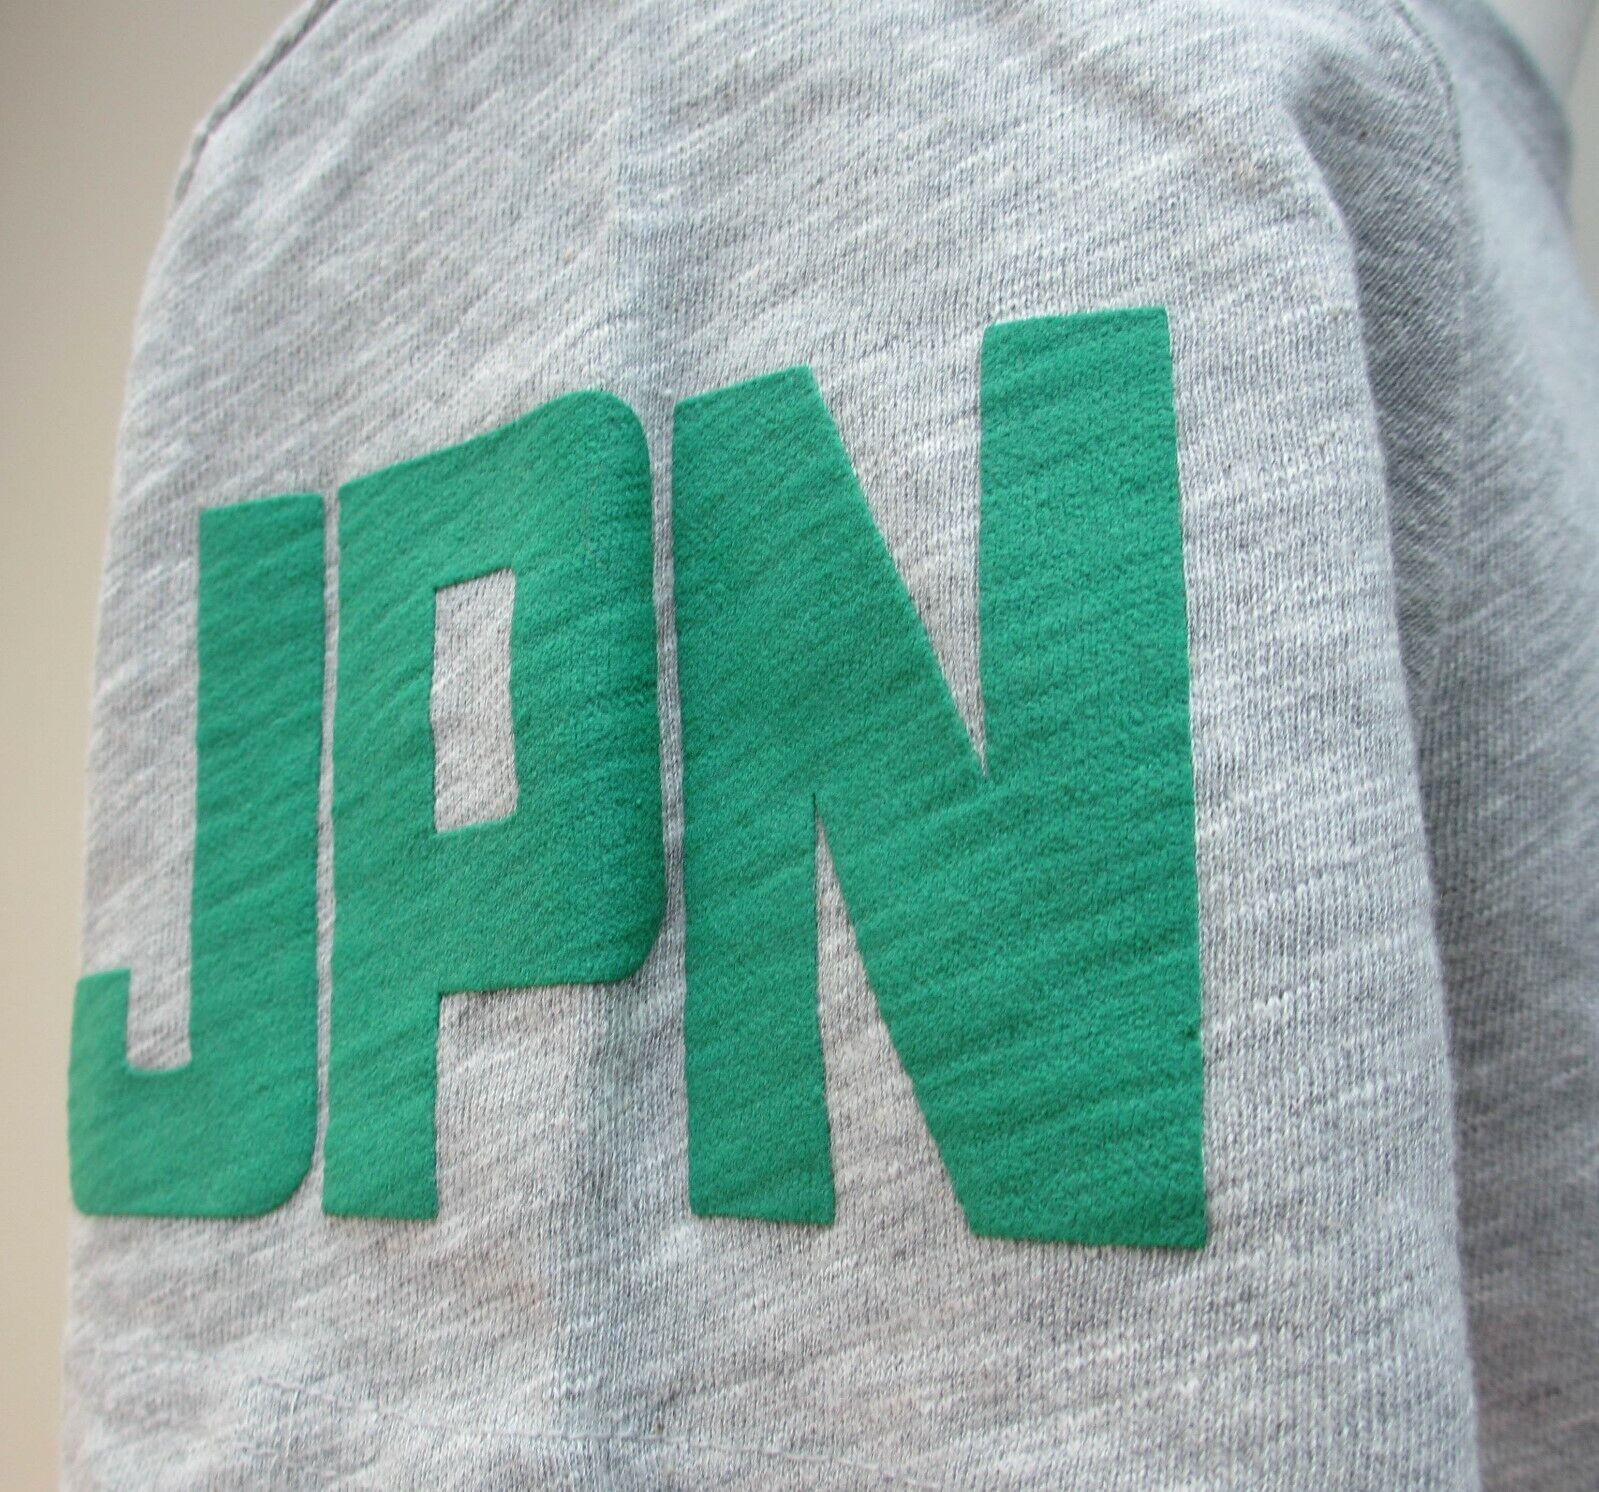 Chemise Homme Superdry Original en Coton Mélangé Gris//Logo Vert T Tee Shirt S M L Bnwt